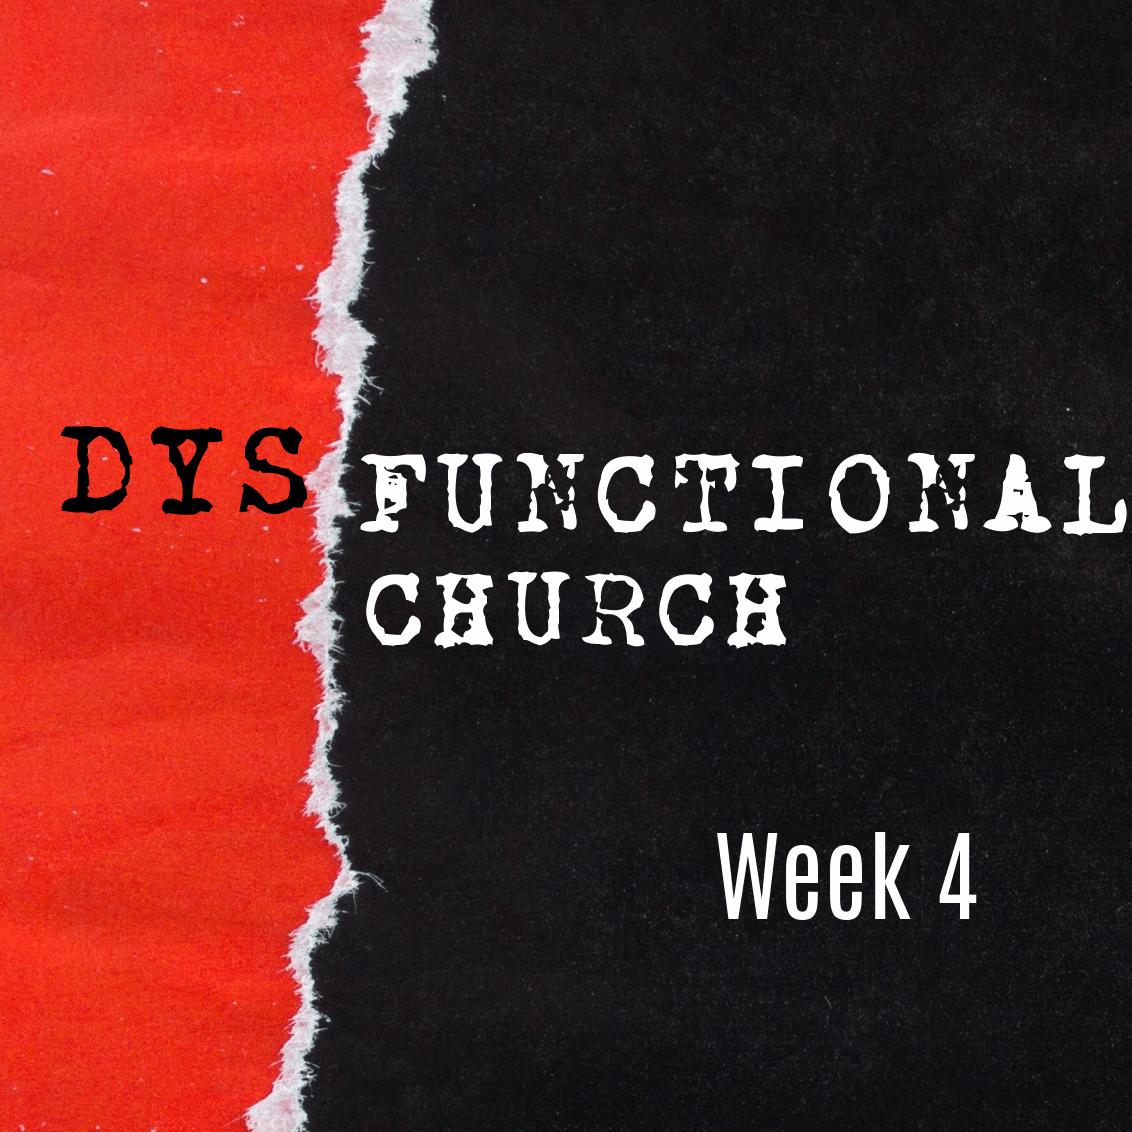 Dysfunctional Church – Week 4